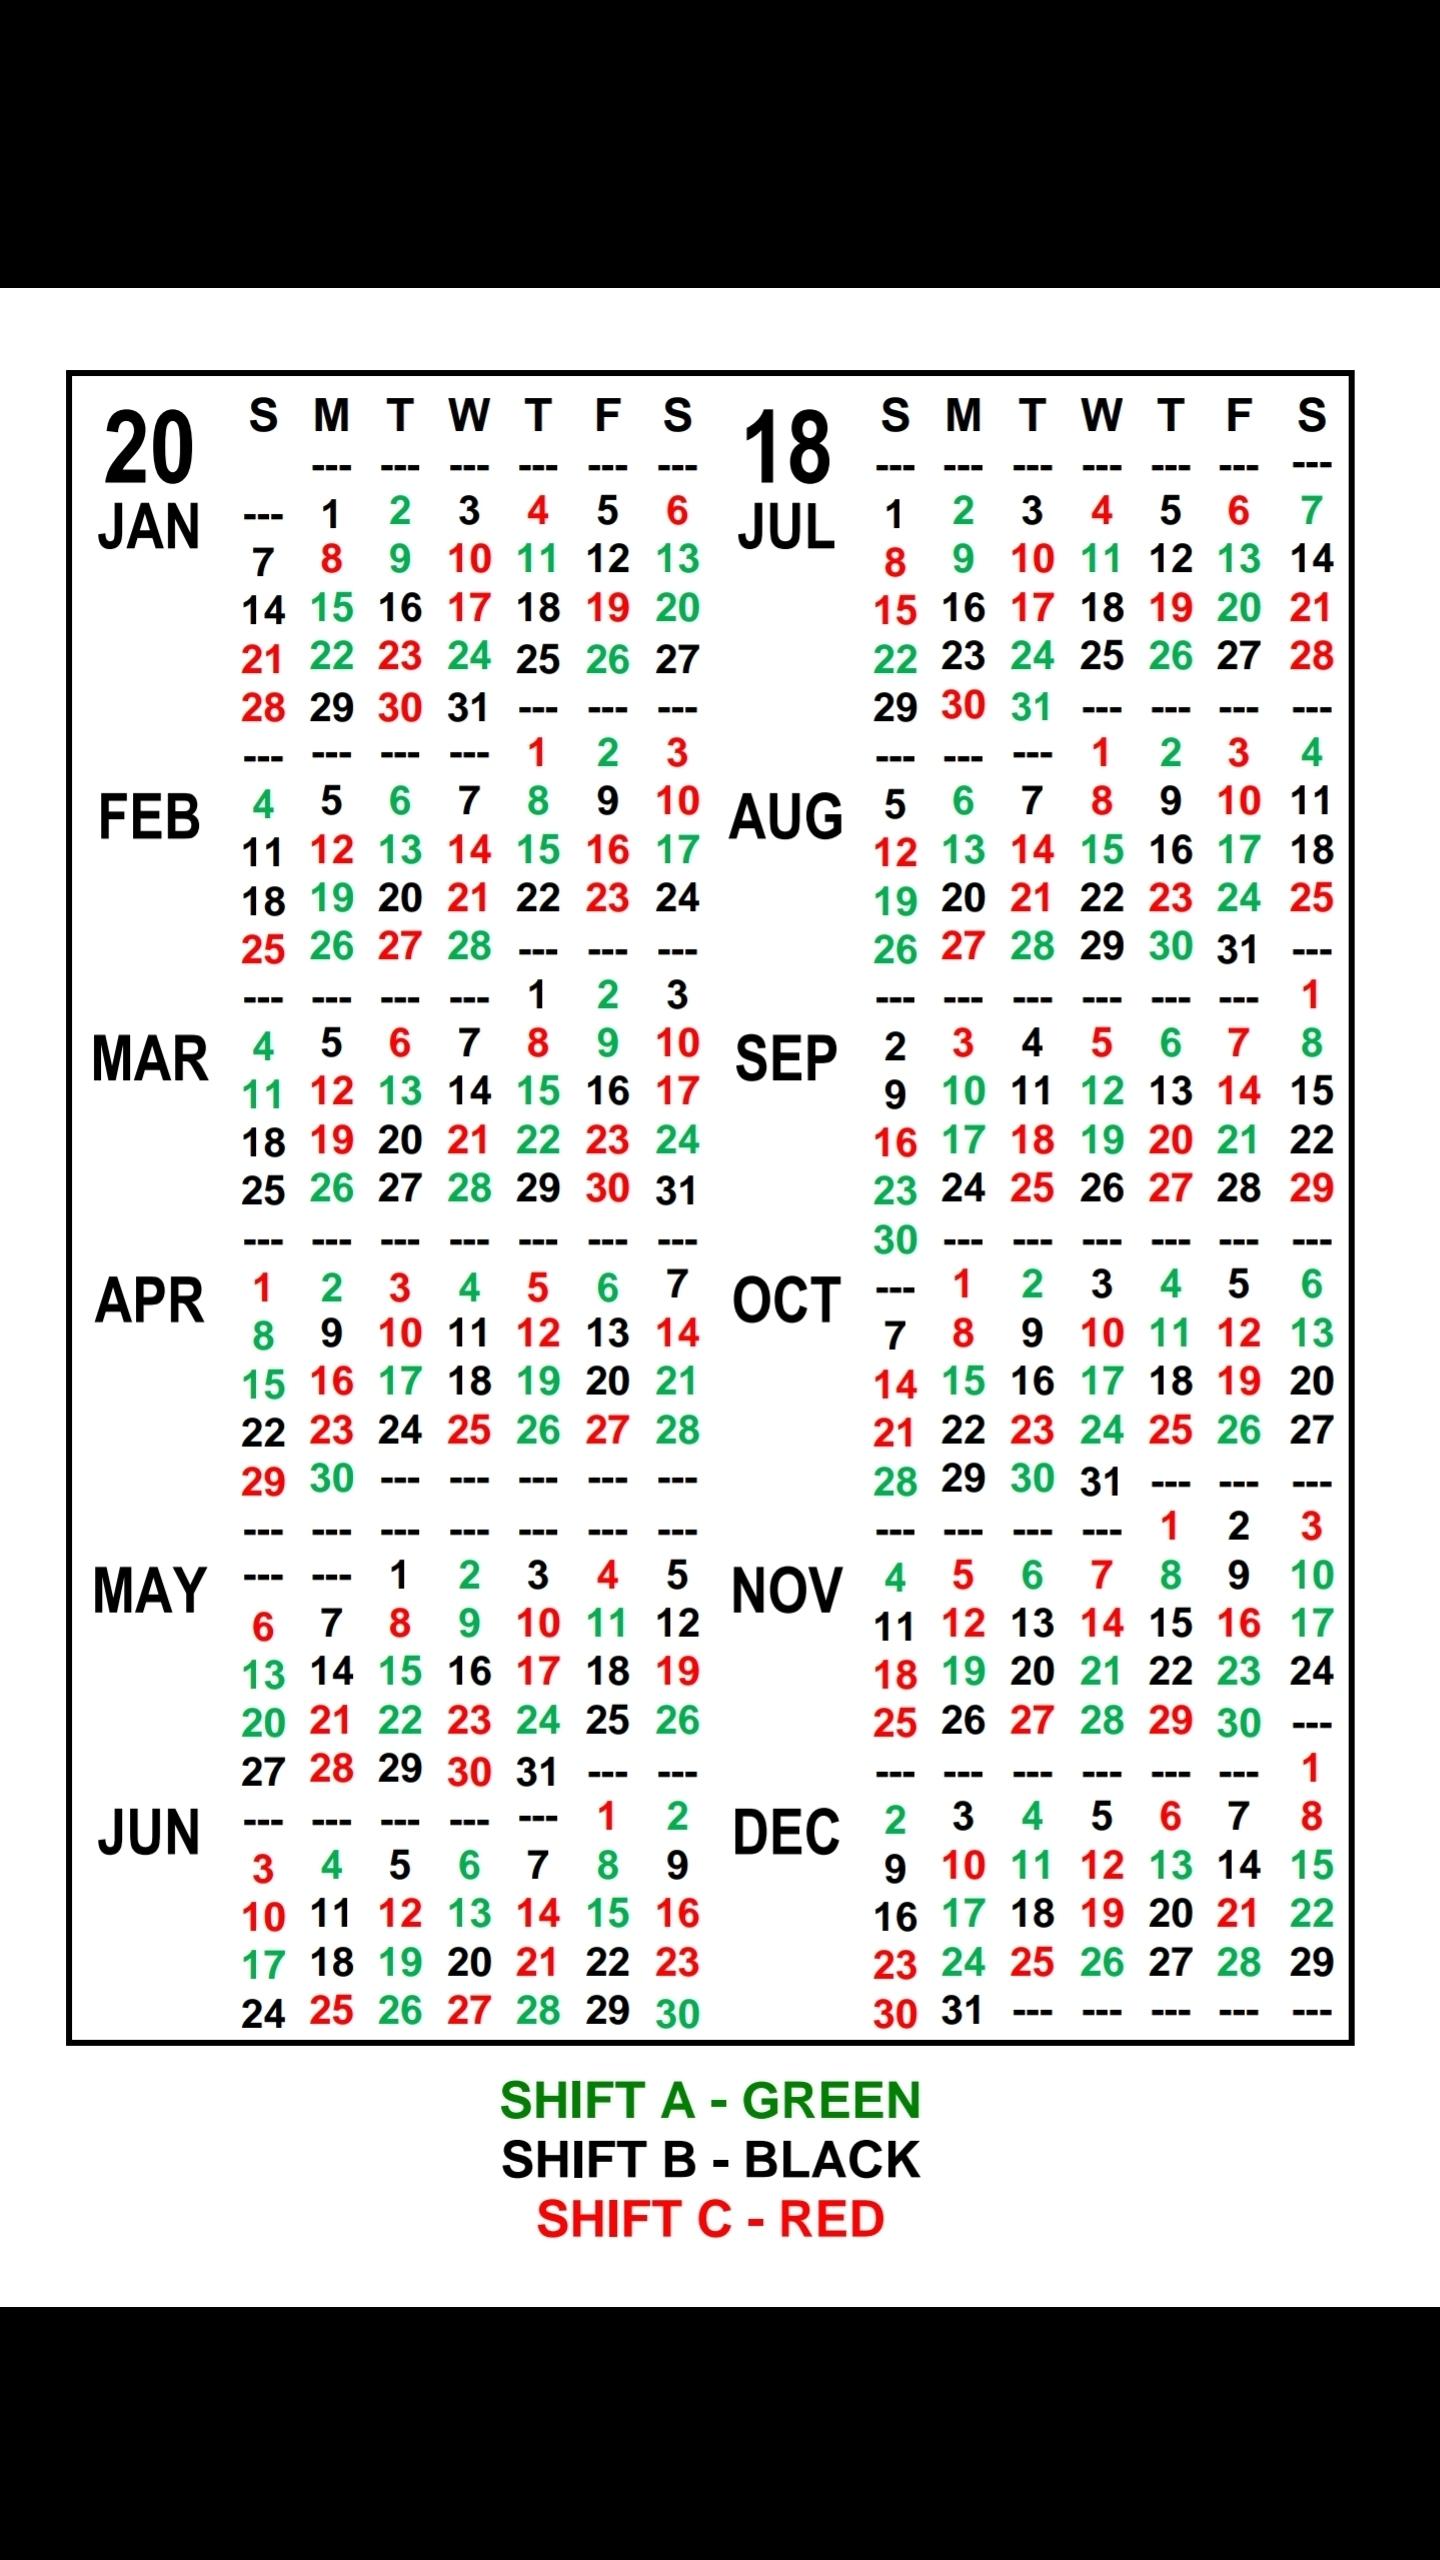 Fire Dept Shift Calendar 24/48 - Calendar Inspiration Design in Firefighter 24 48 Shift 2020 Calendar